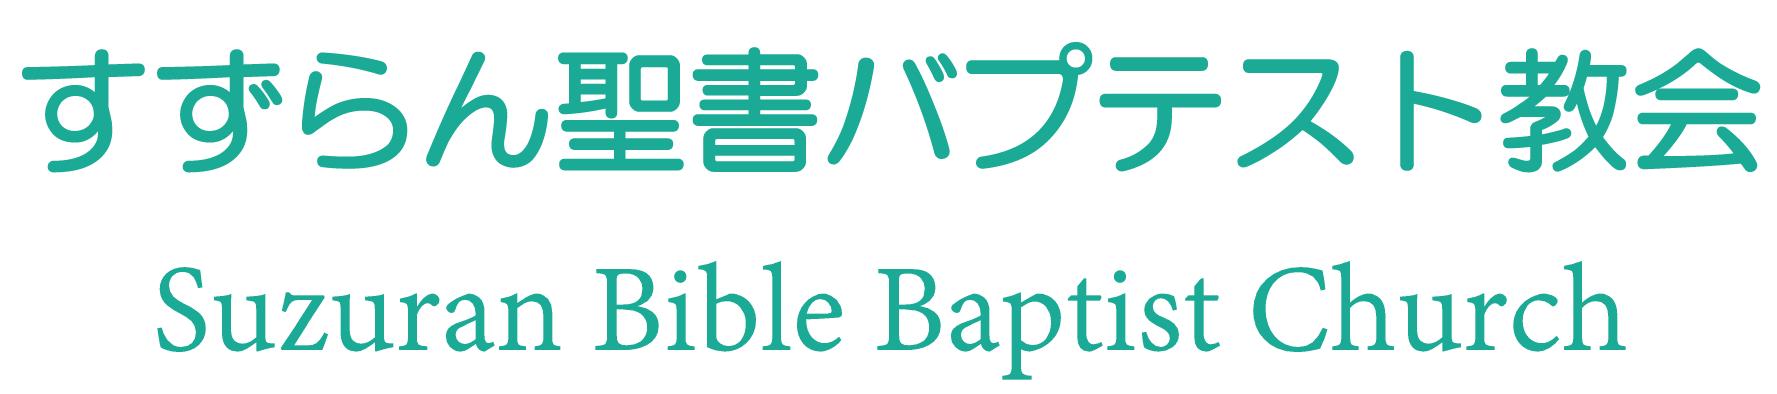 すずらん聖書バプテスト教会